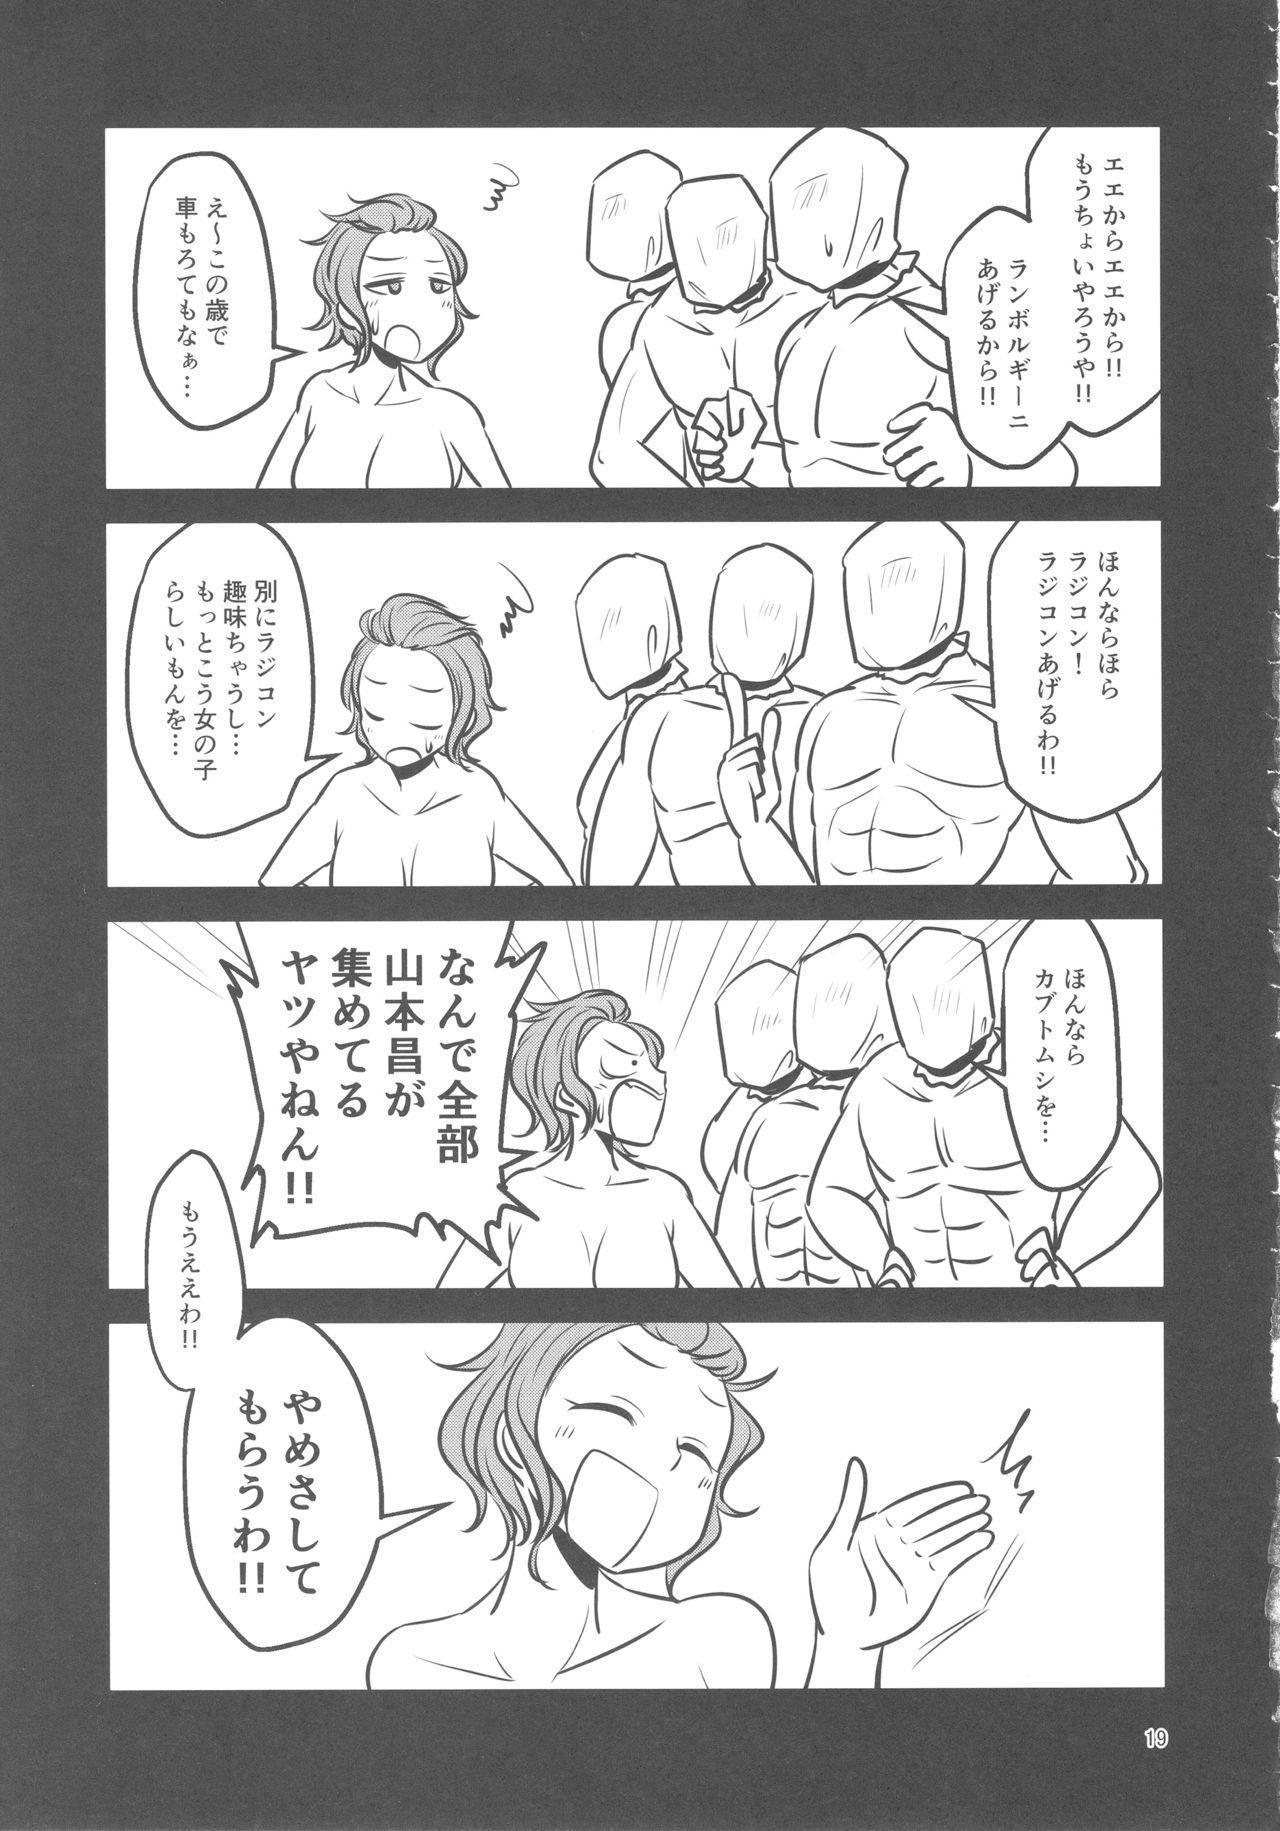 Mou Eewa! Hame Sashite Morauwa! 20